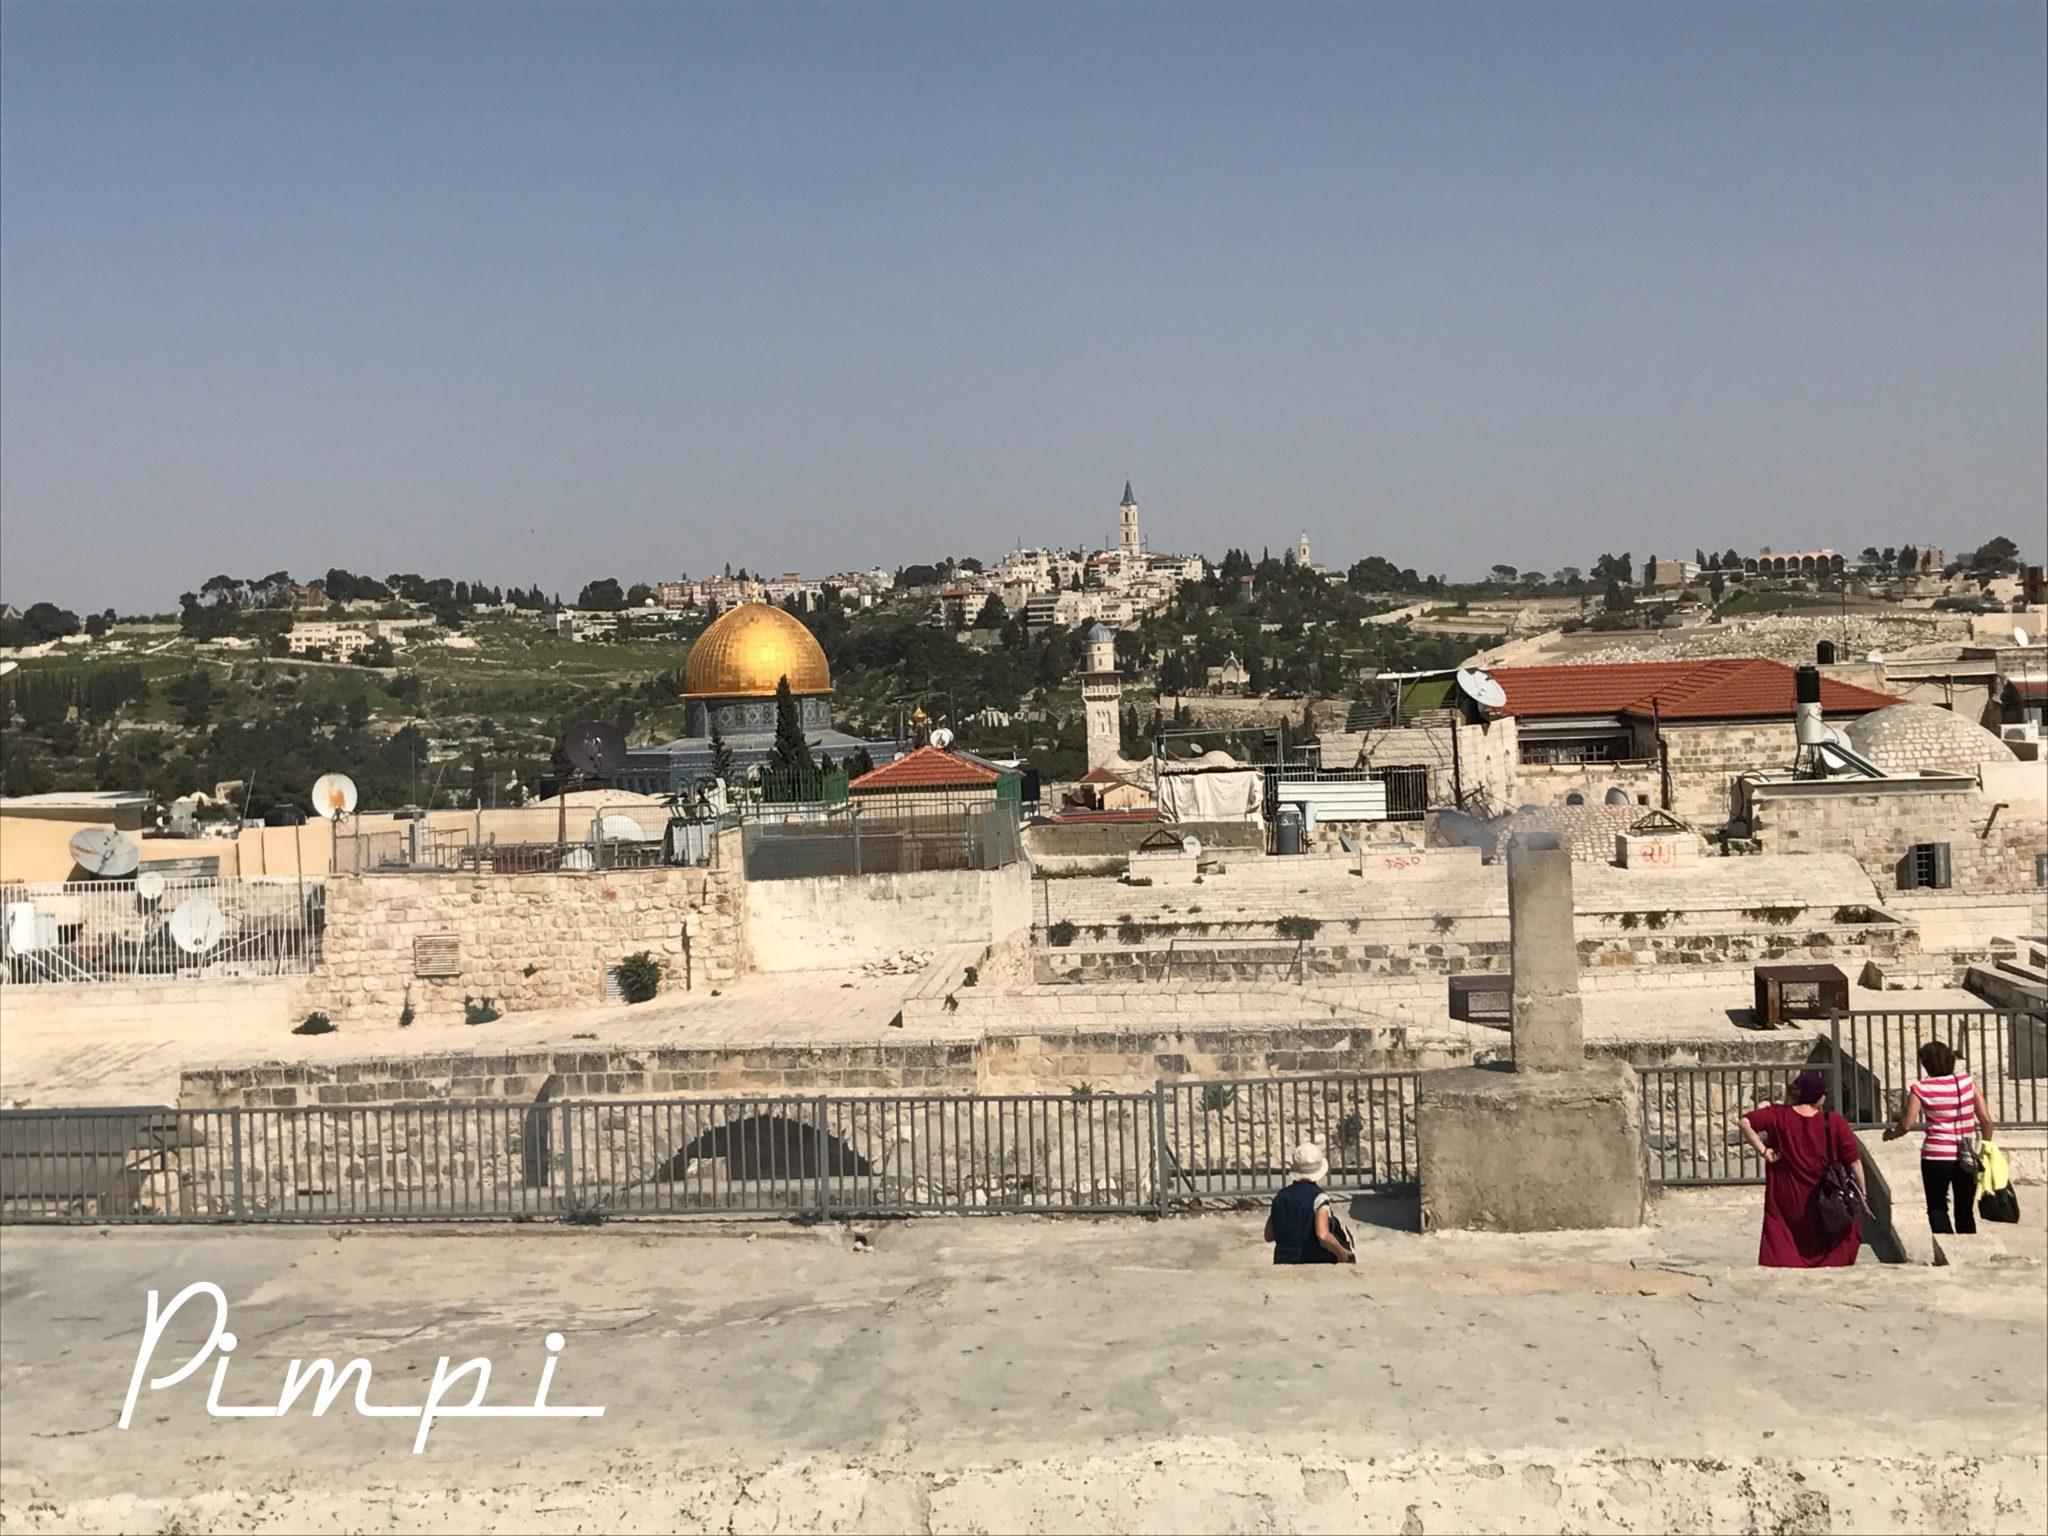 pimpi-bábo-bábätko-cestovanie-izrael-jeruzalem-tel aviv-zážitky-židia-svätá zem-mŕtve more-ako ušetriť-rady-tipy-odporúčania